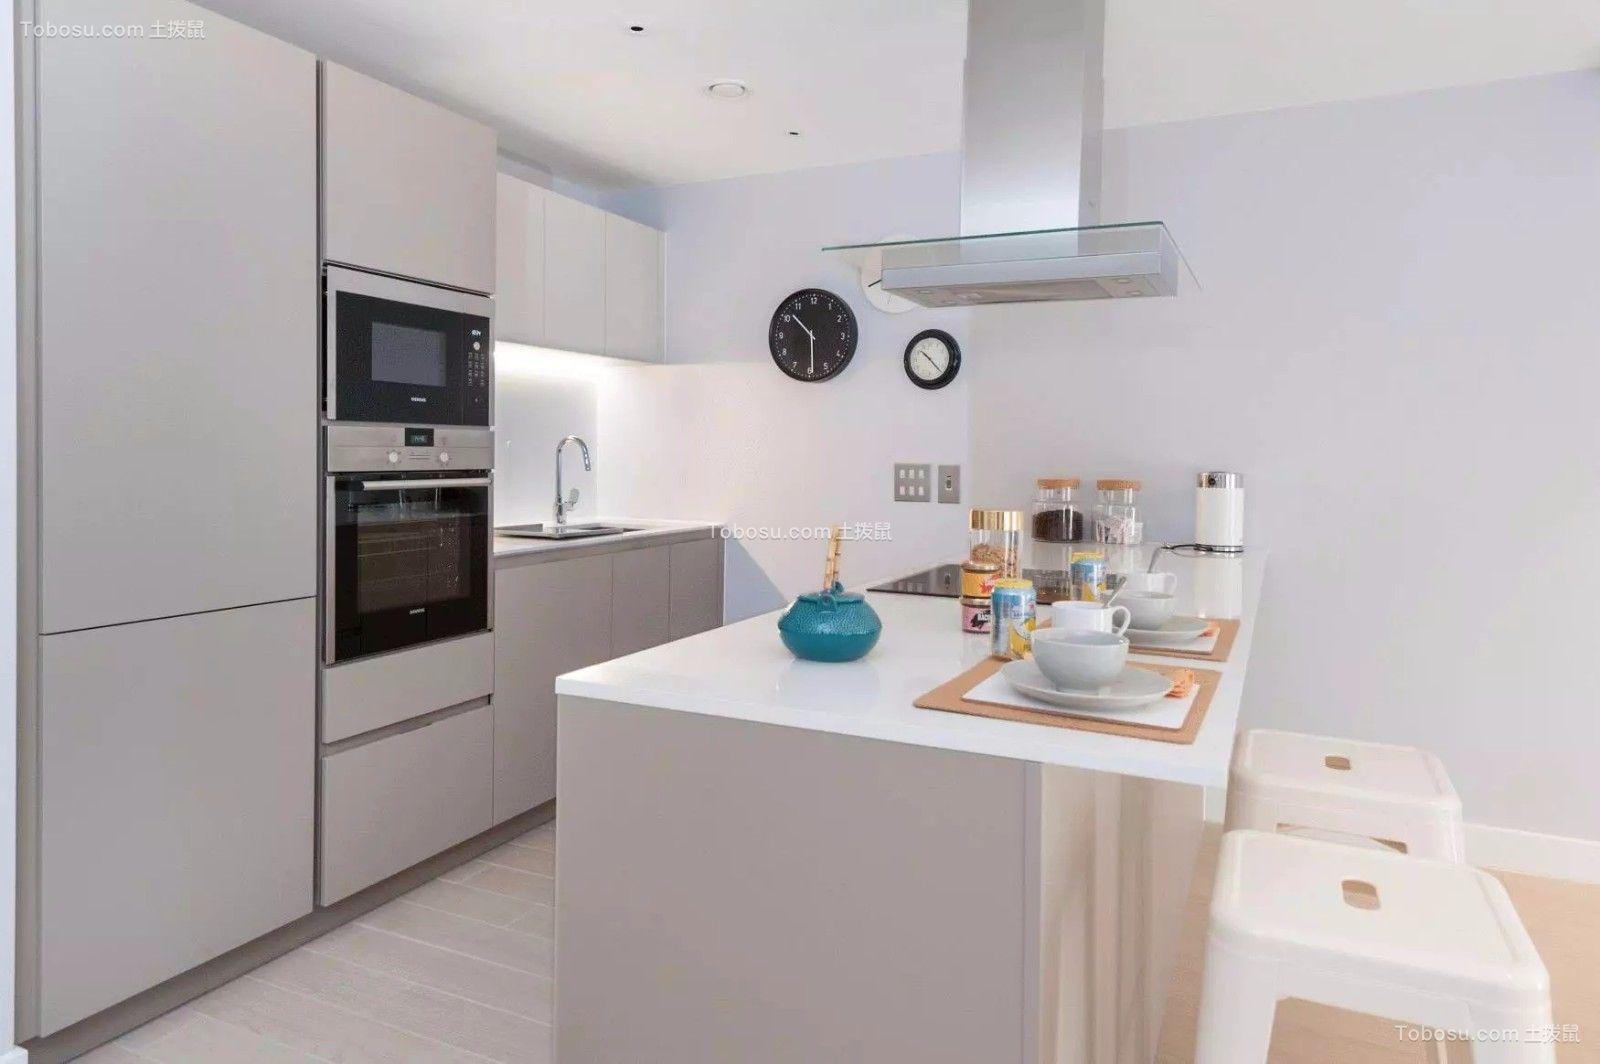 2021北欧厨房装修图 2021北欧吧台装修设计图片